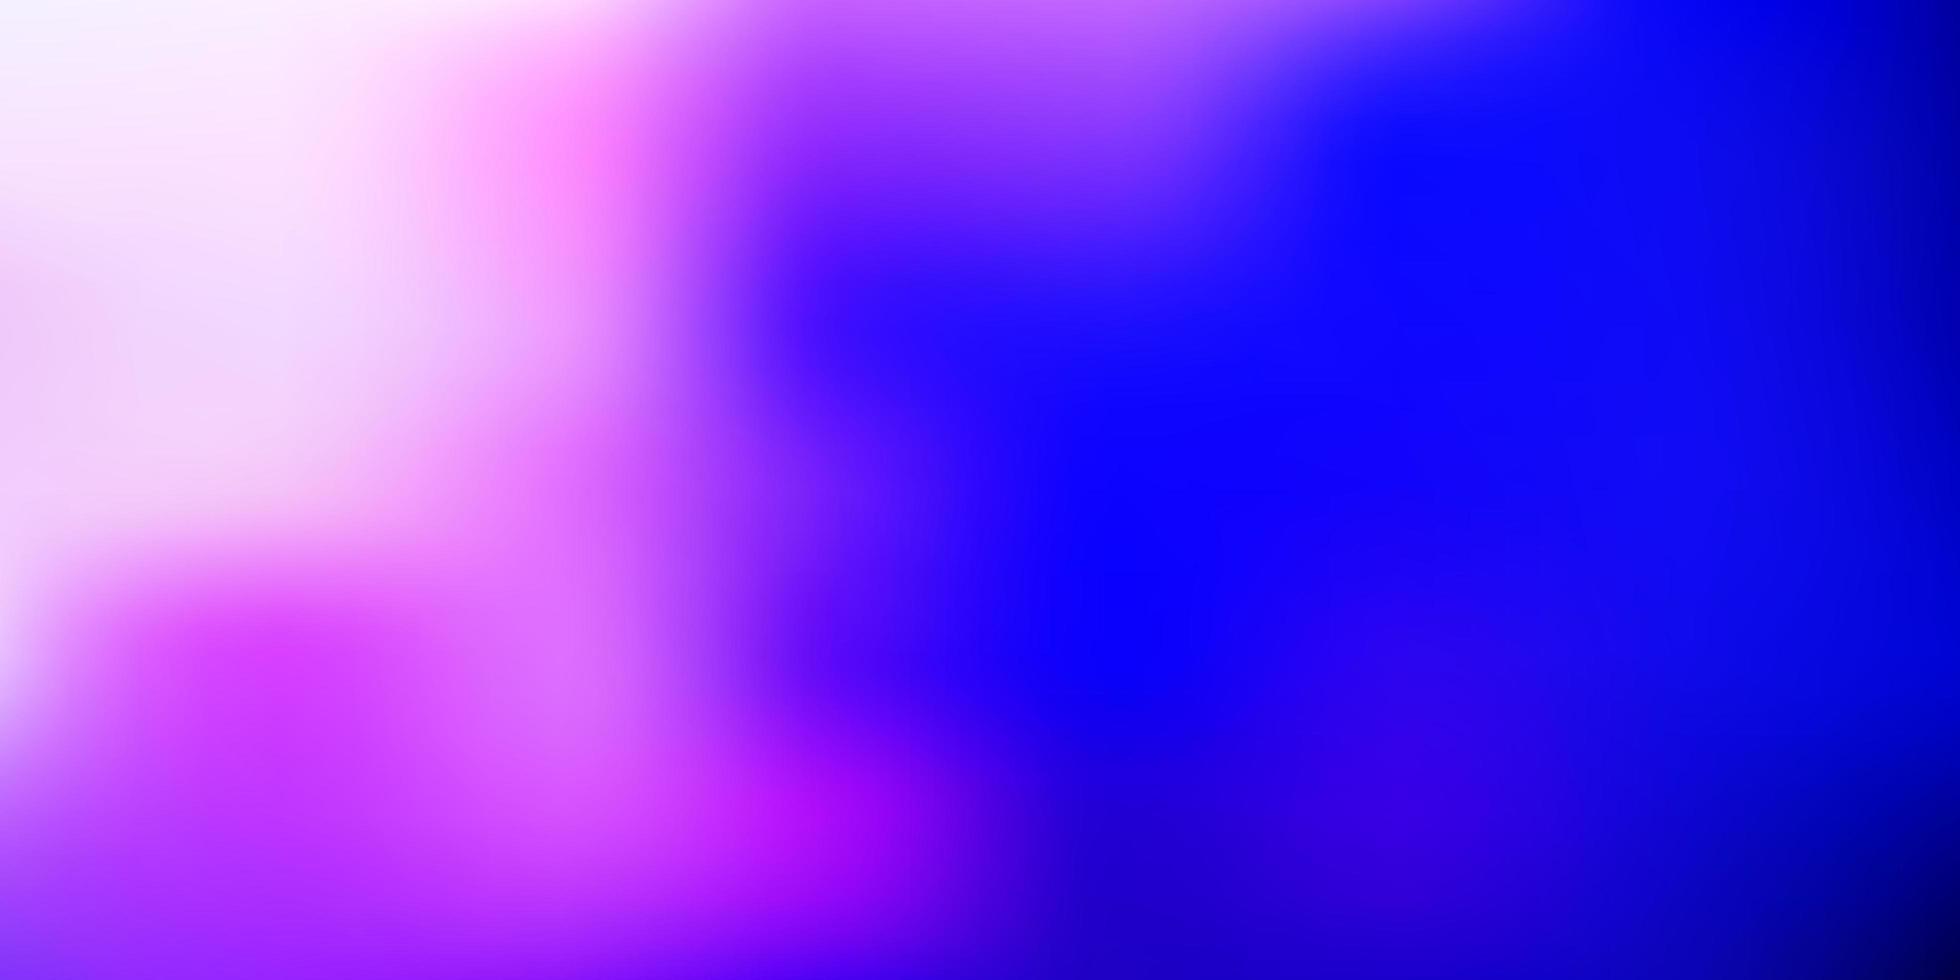 mörkrosa, blå vektor suddig bakgrund.